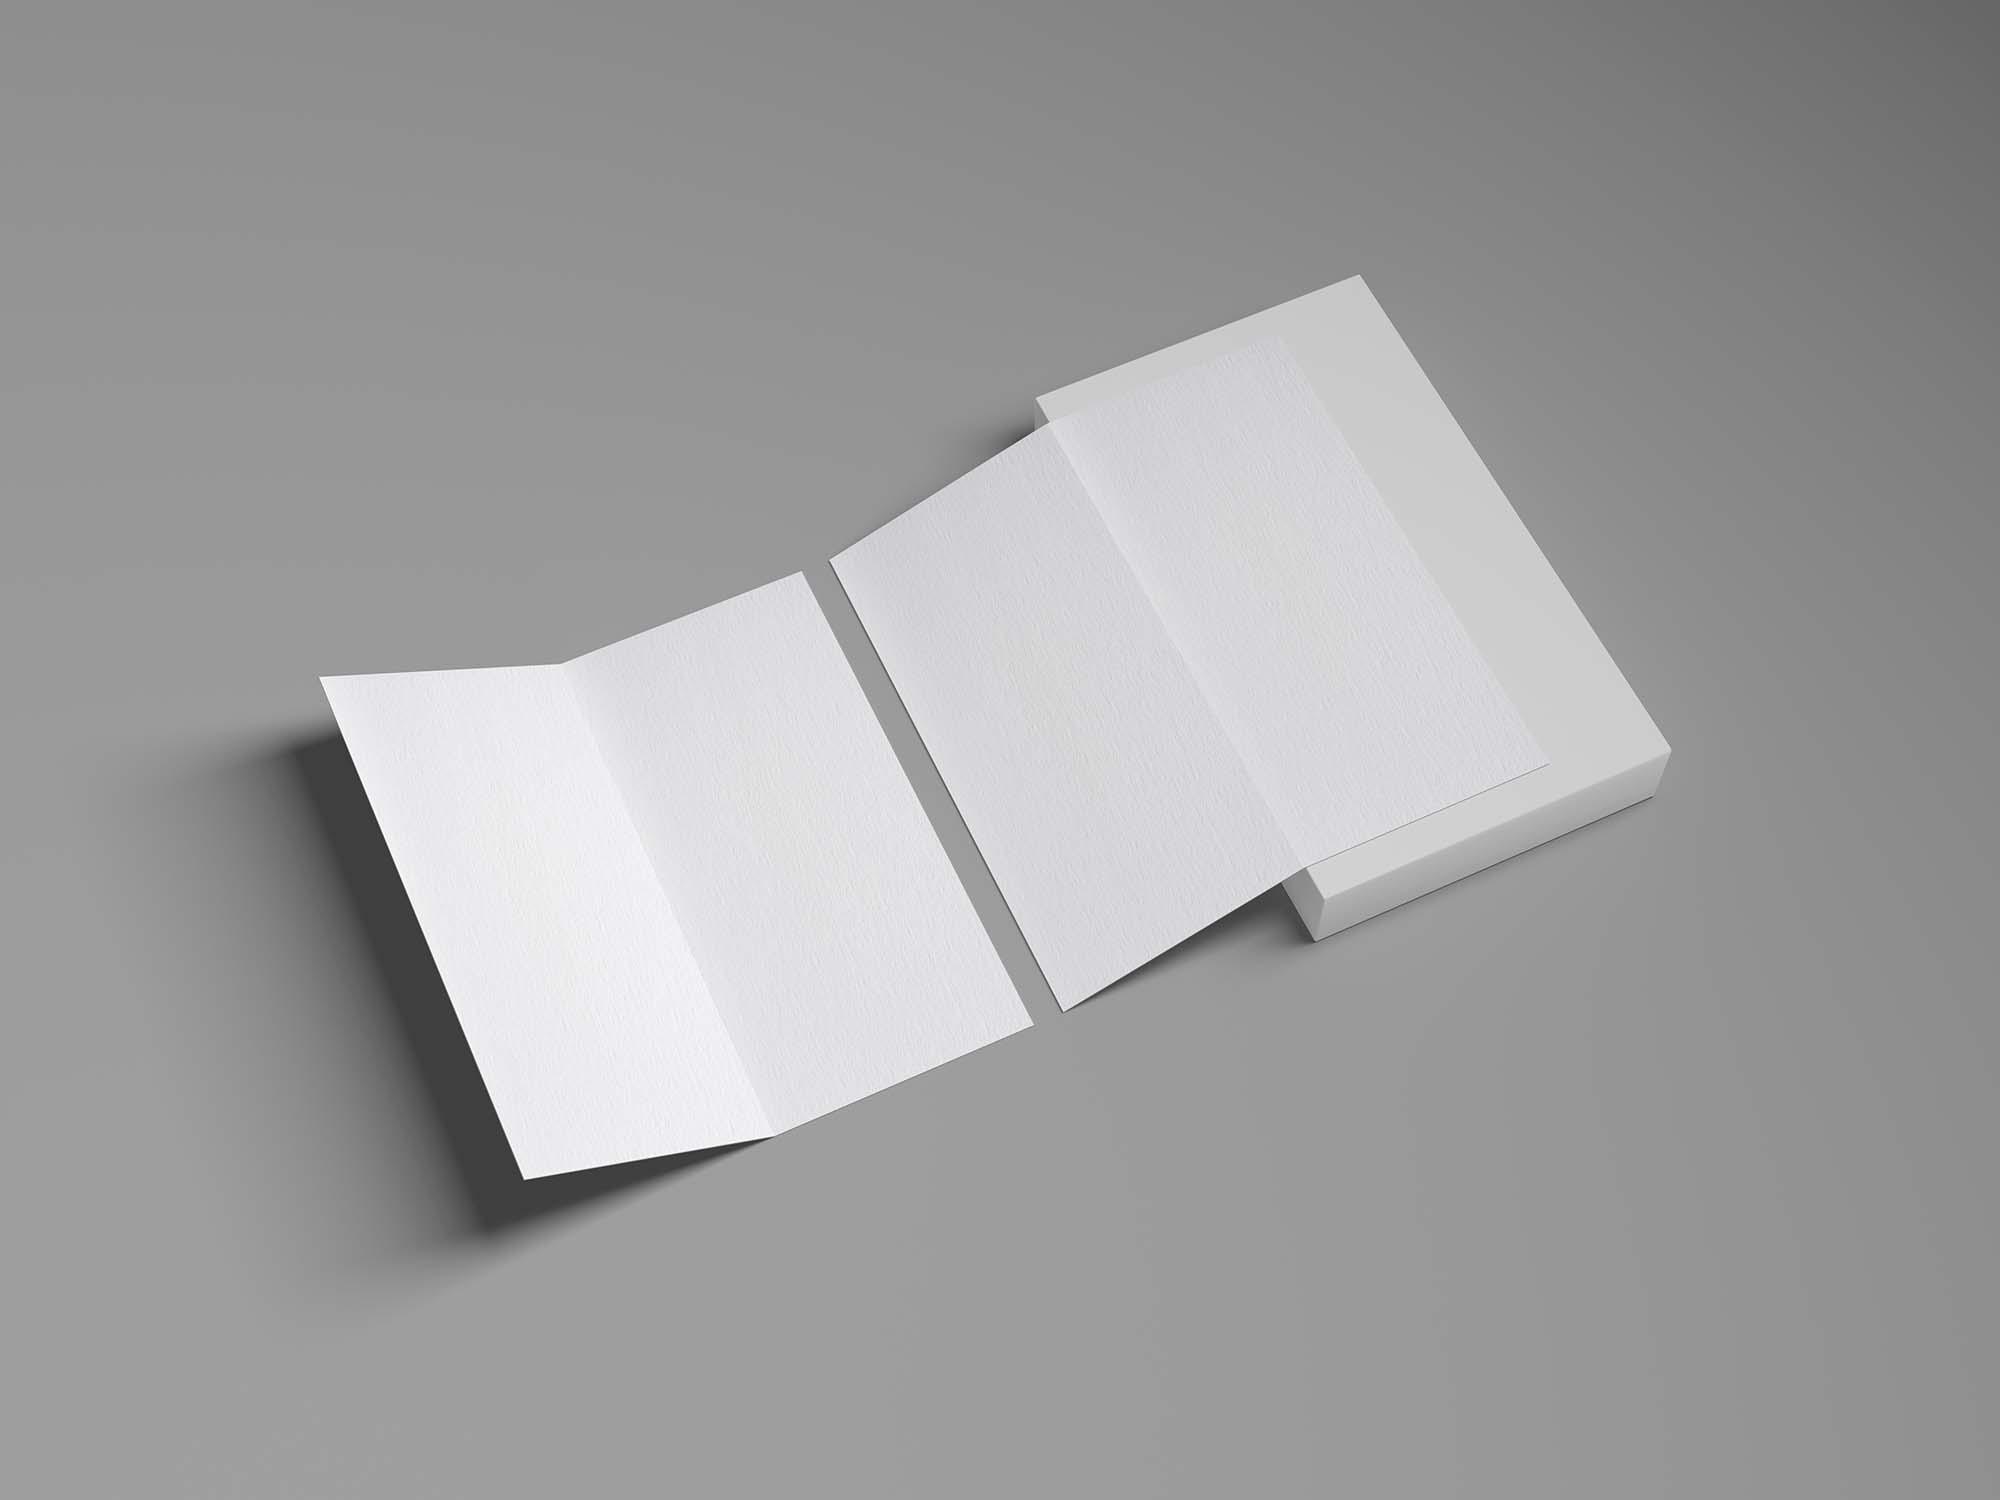 Branding Bi-Fold Brochure Mockup 3